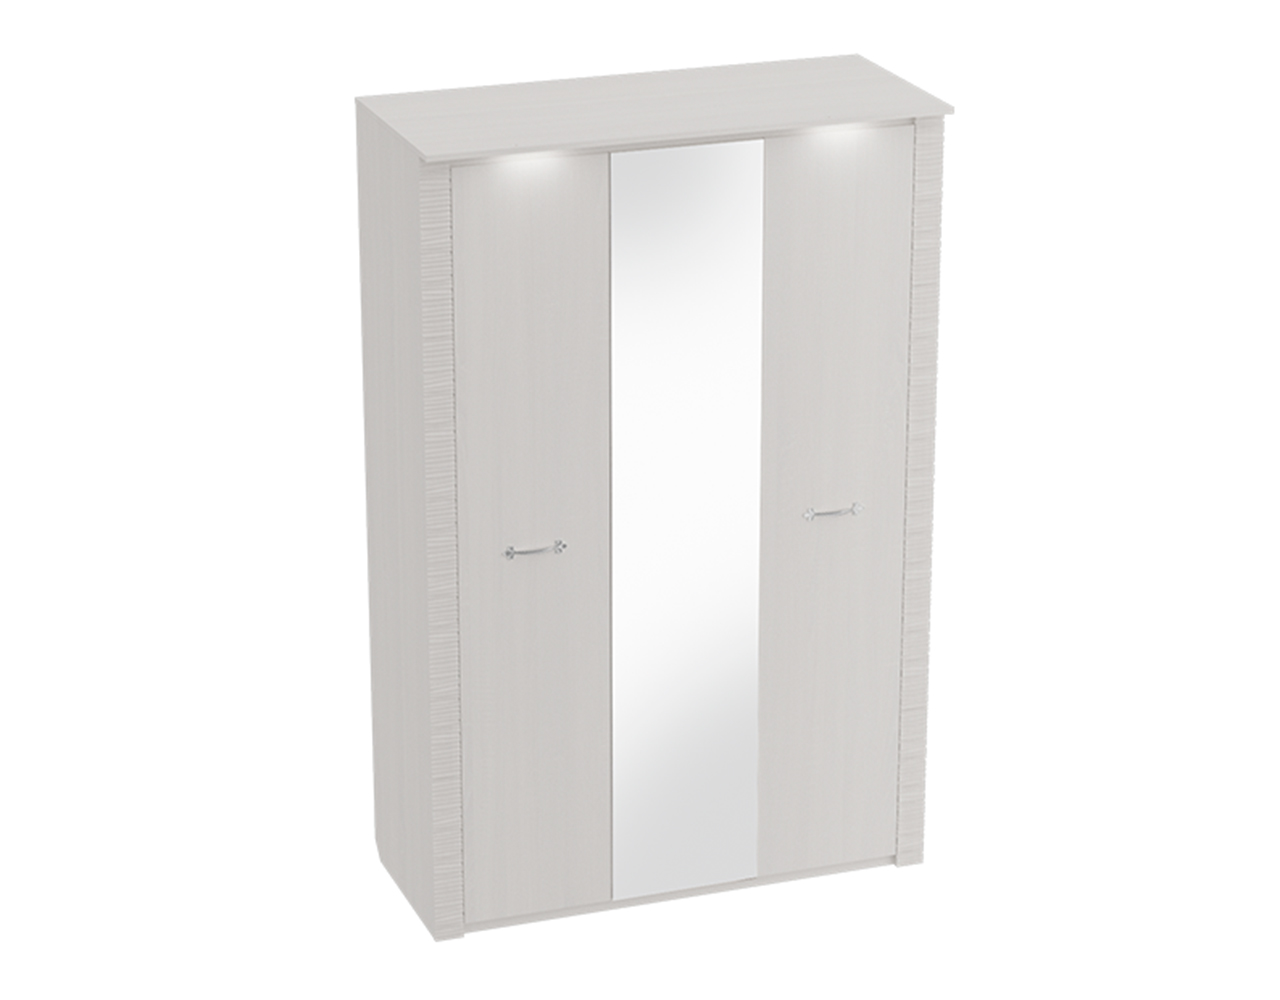 Шкаф трехдверный Элана Бодега